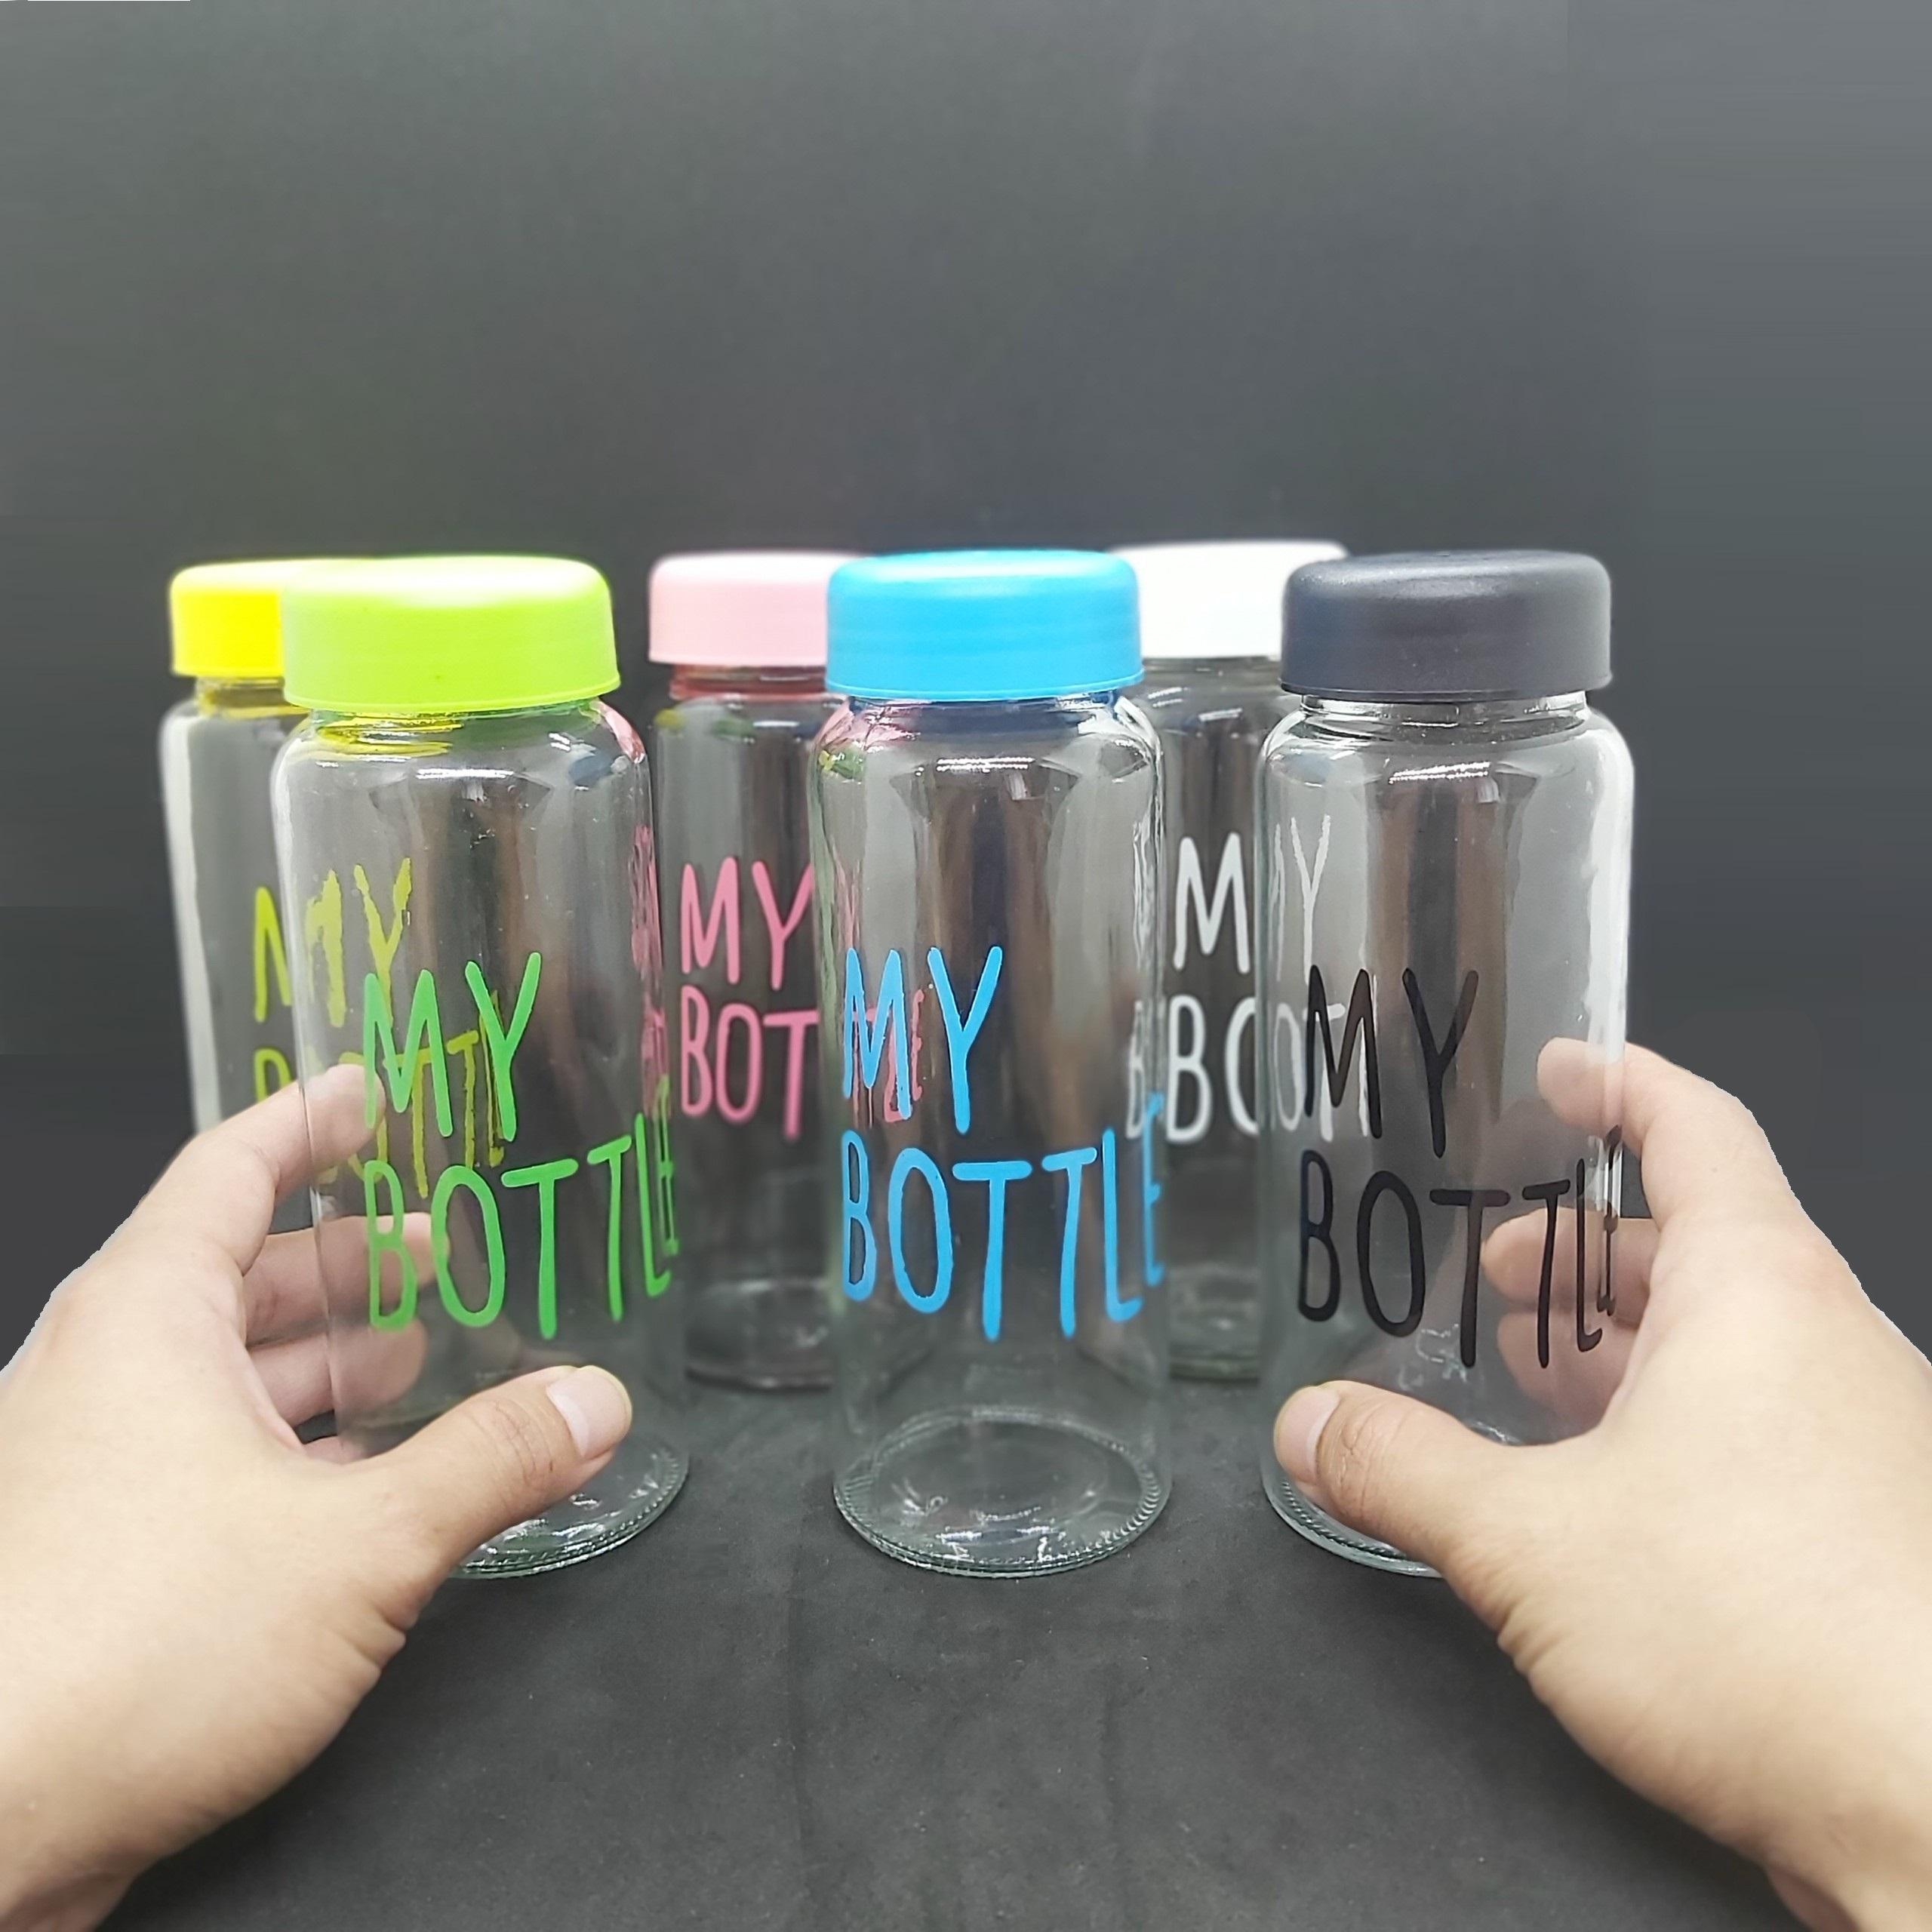 Combo 6 Chai Thủy Tinh đựng nước MY BOTTLE 500ML đủ màu sắc - Nắp nhựa đủ màu theo chai (Bình đựng nước thủy tinh, đựng sữa - Chai đựng nước ép)